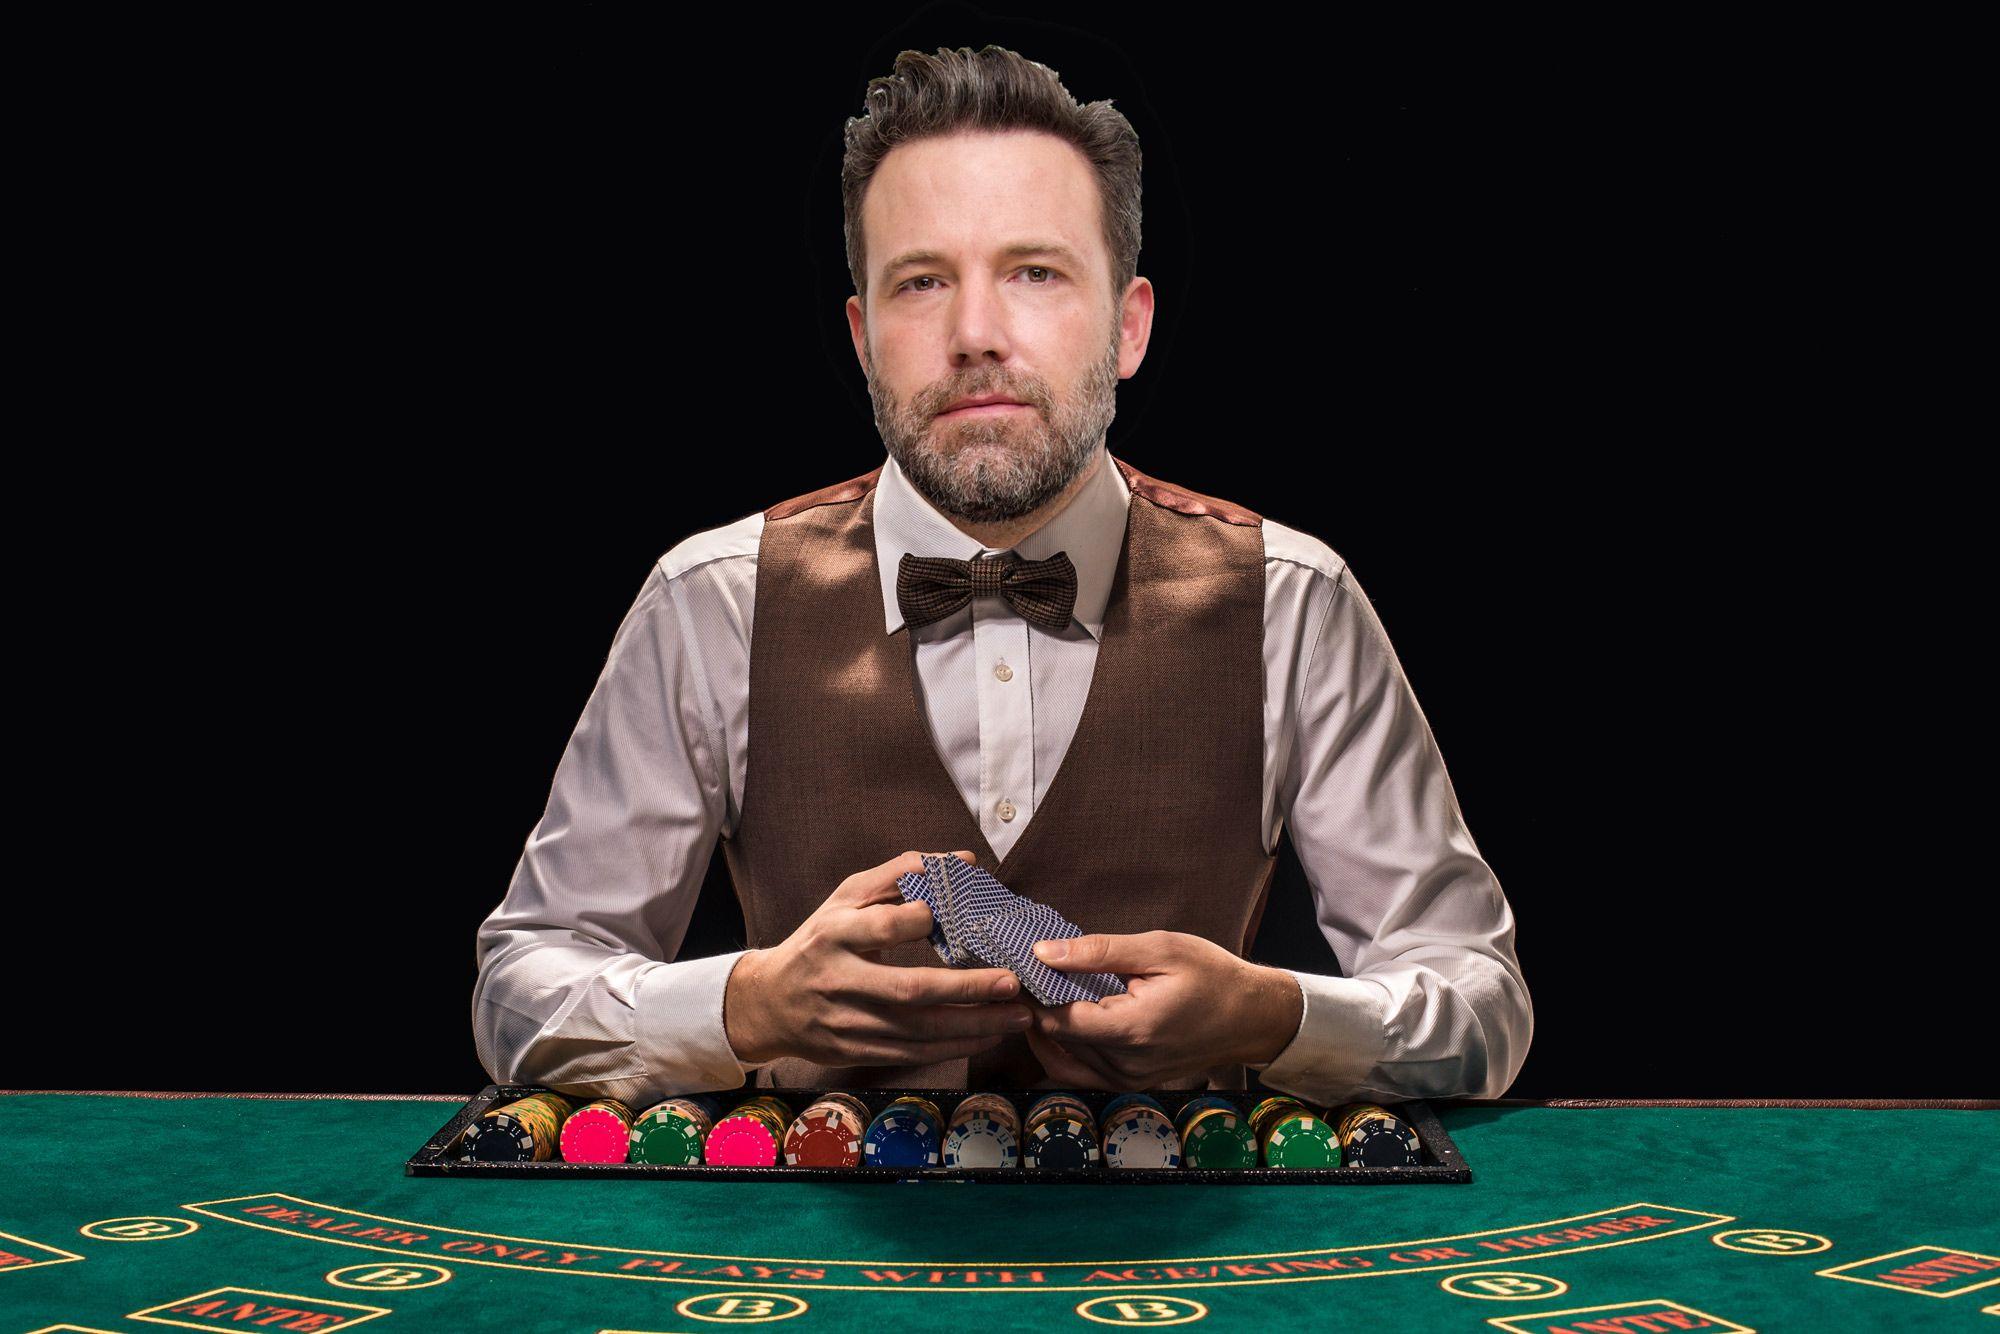 Смотреть онлайн турнир по покеру игровые автоматы вулкан фото залов